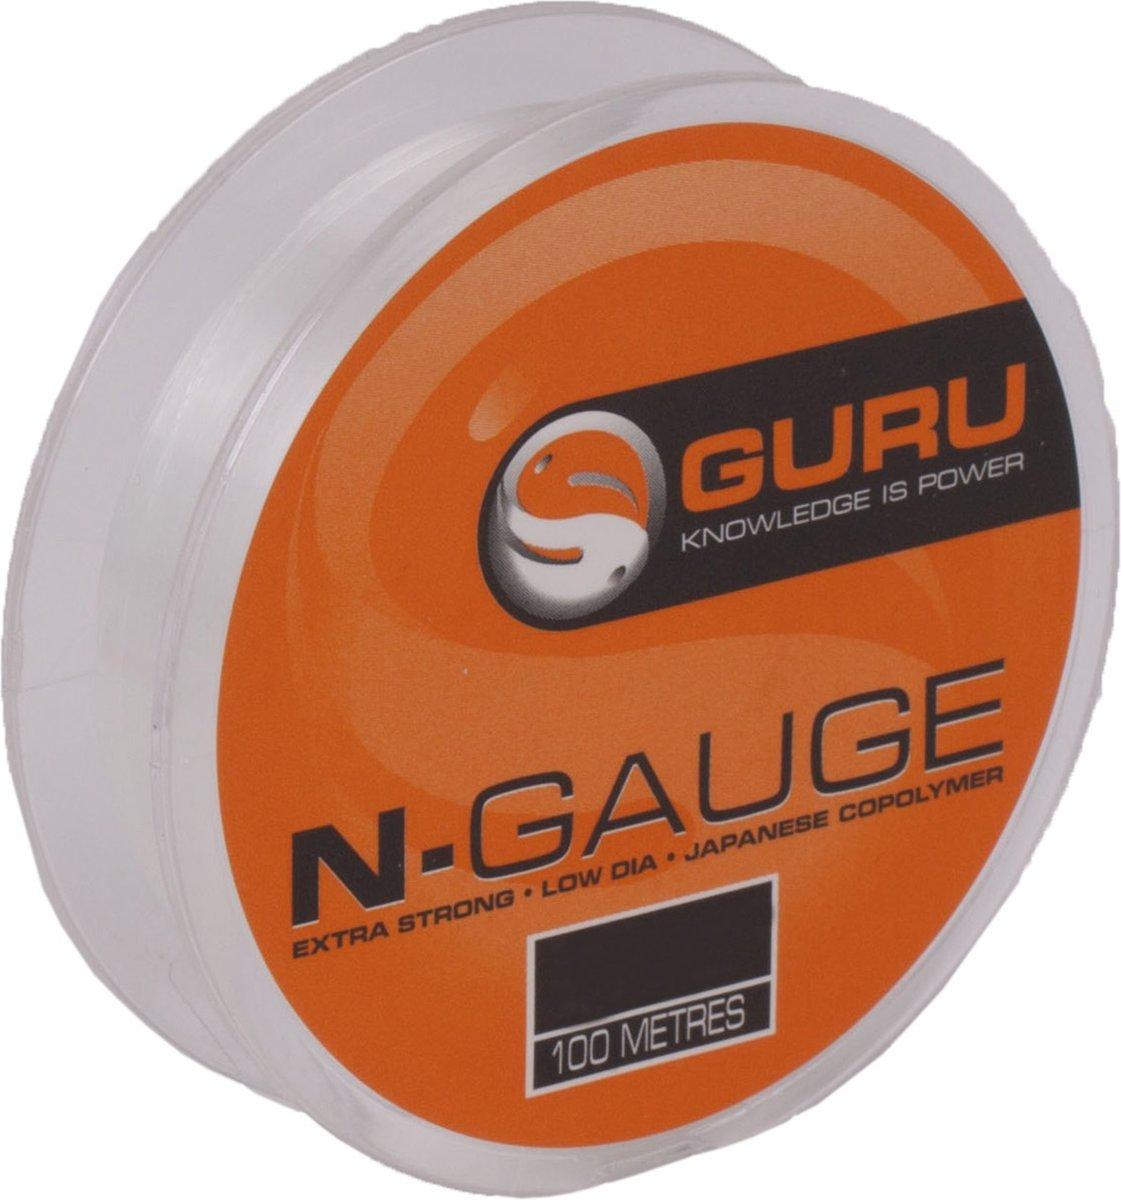 Guru N-Gauge | Nylon Vislijn | 0.15mm | 100m